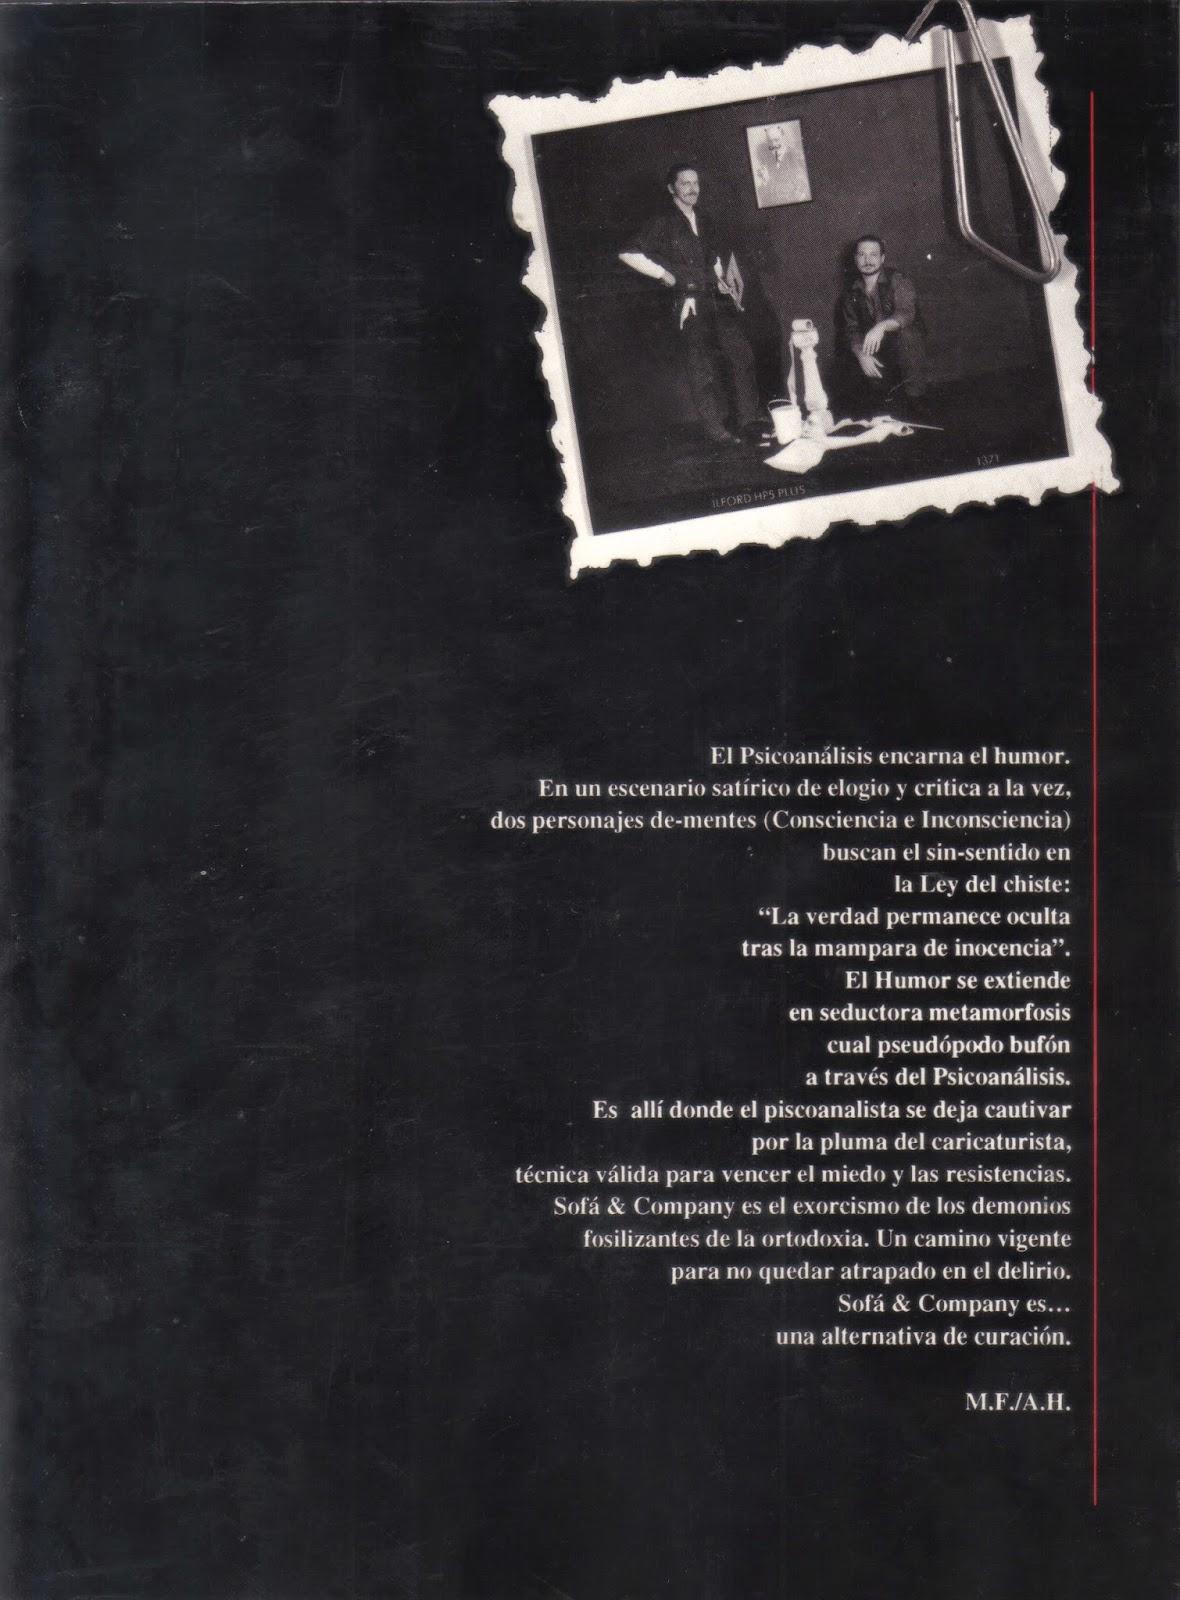 Contraportada Sofá & Company 1 Mario Fattorello y Aldo Hoffinger